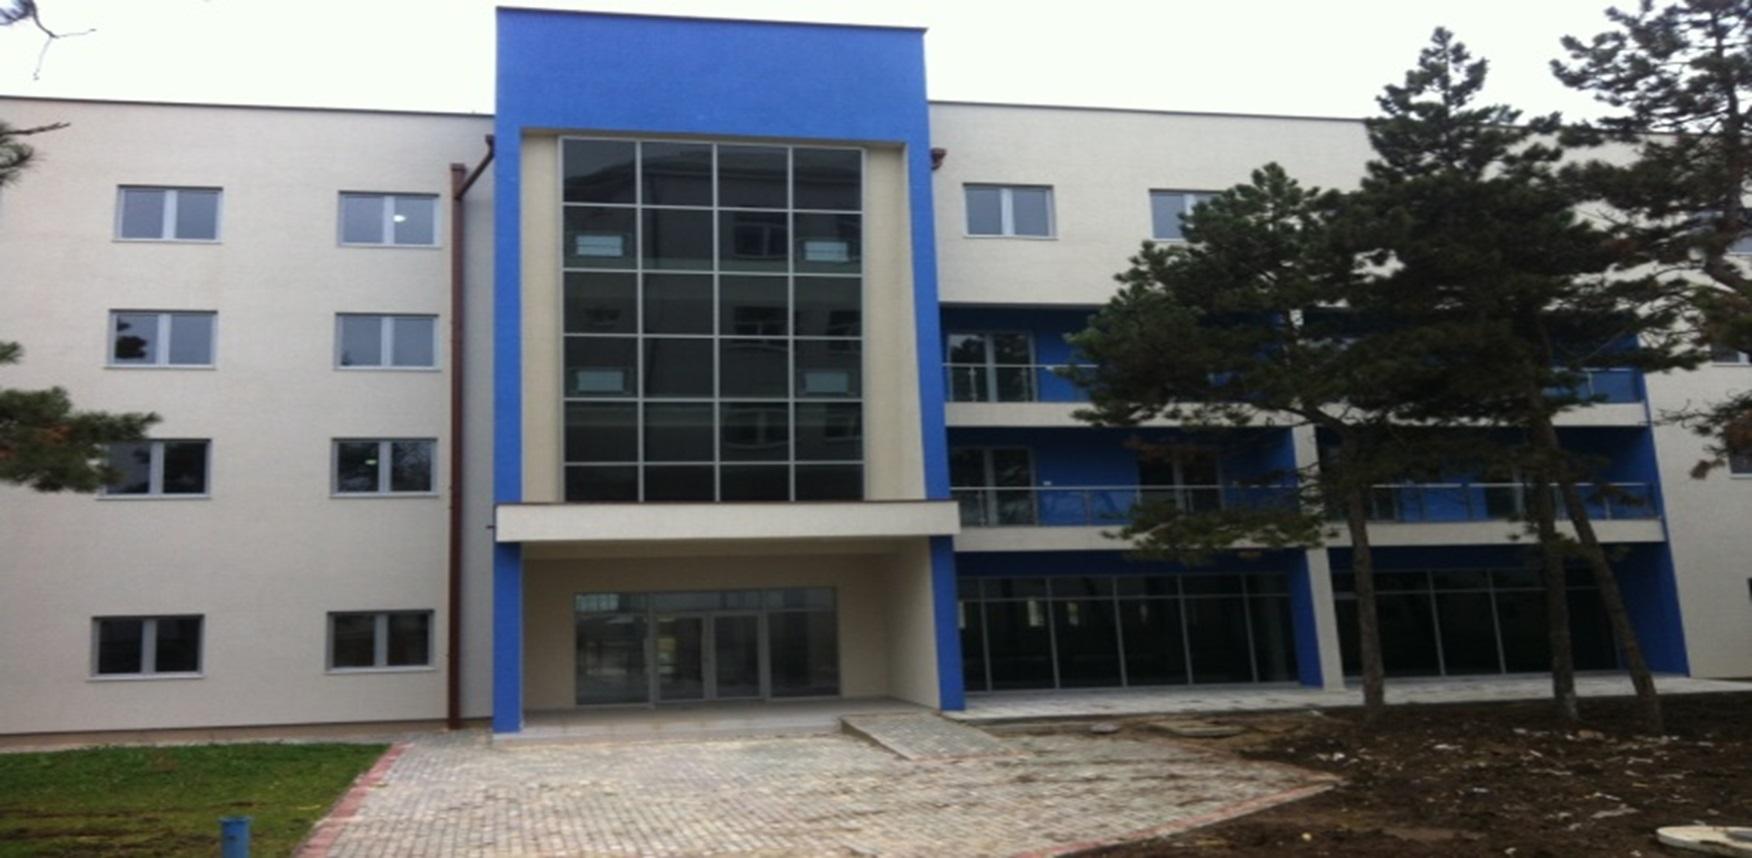 Ndërtimi I Konviktit të ri (Konvikt I studenteve të kategorisë së lartë I AKSP-së)